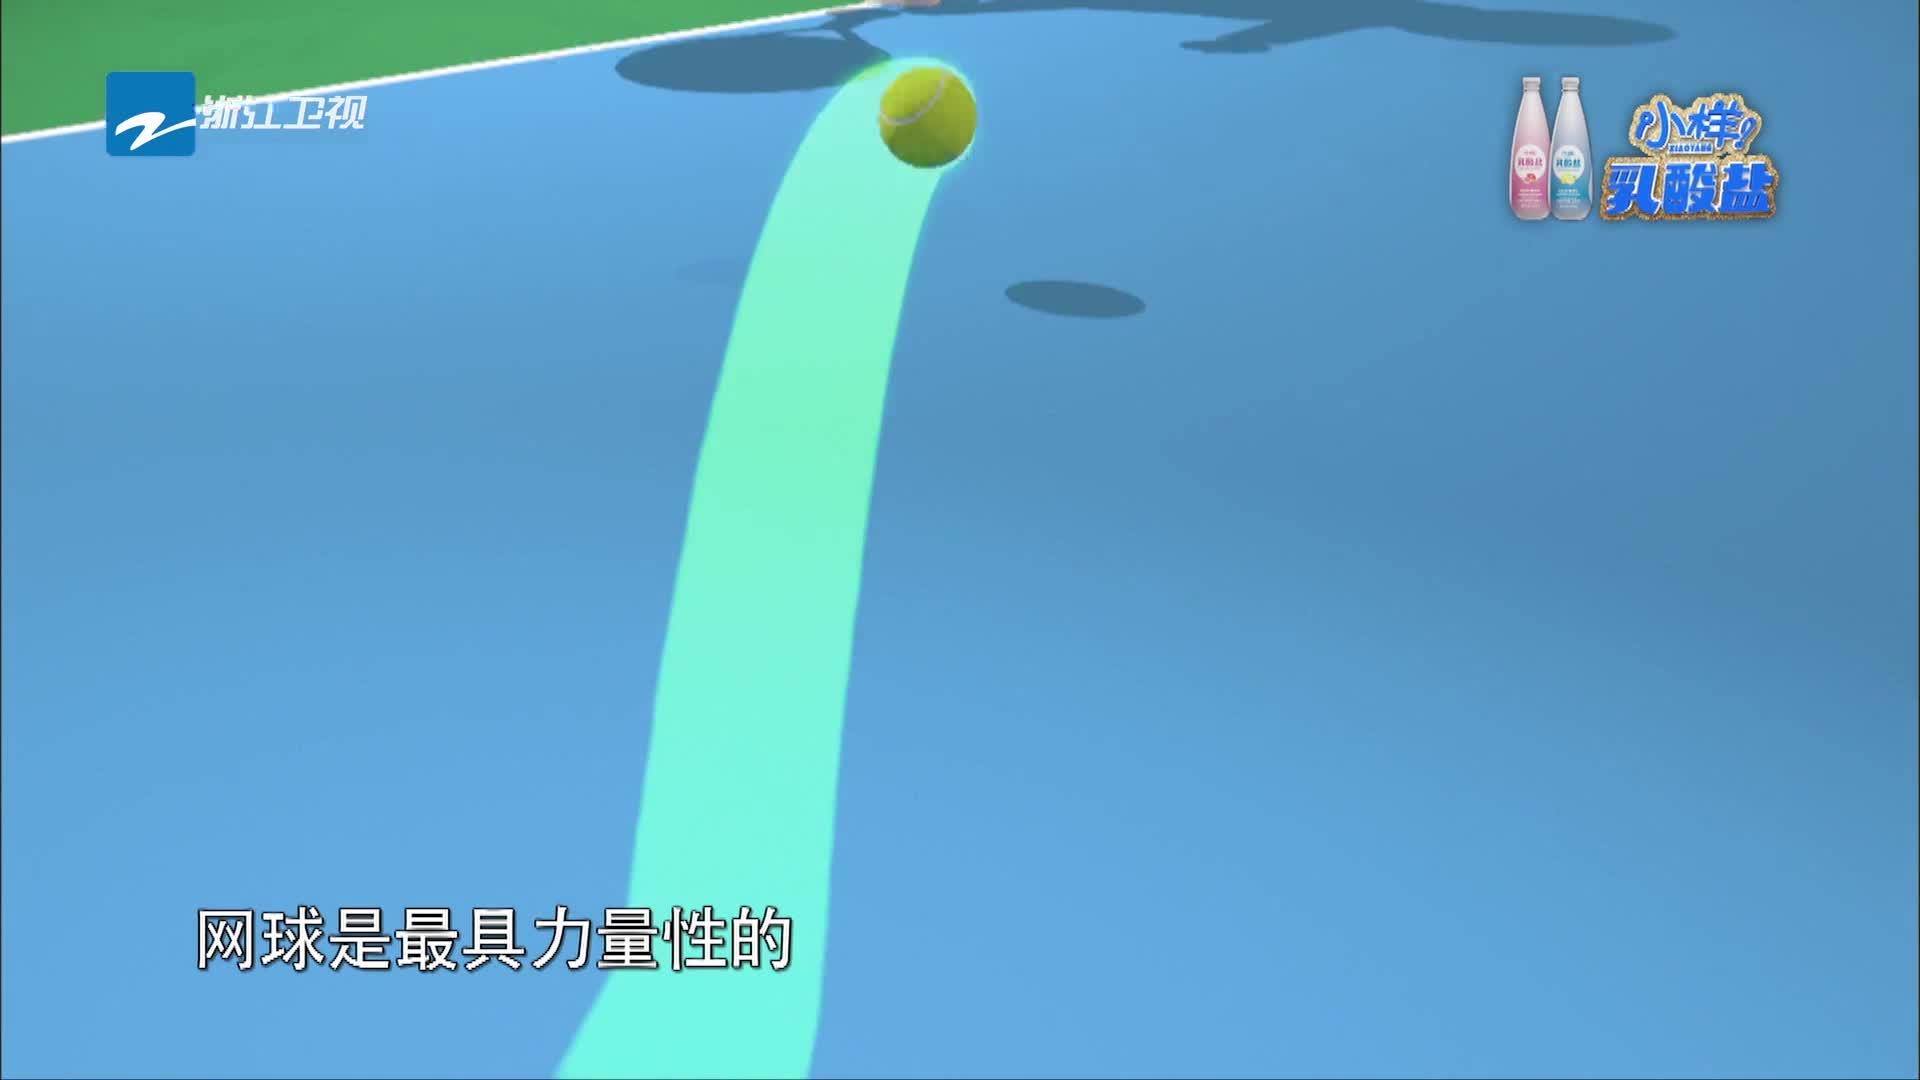 李娜展示网球惊人力量,石膏做的盘子轻易打穿,袁咏仪被吓到捂嘴